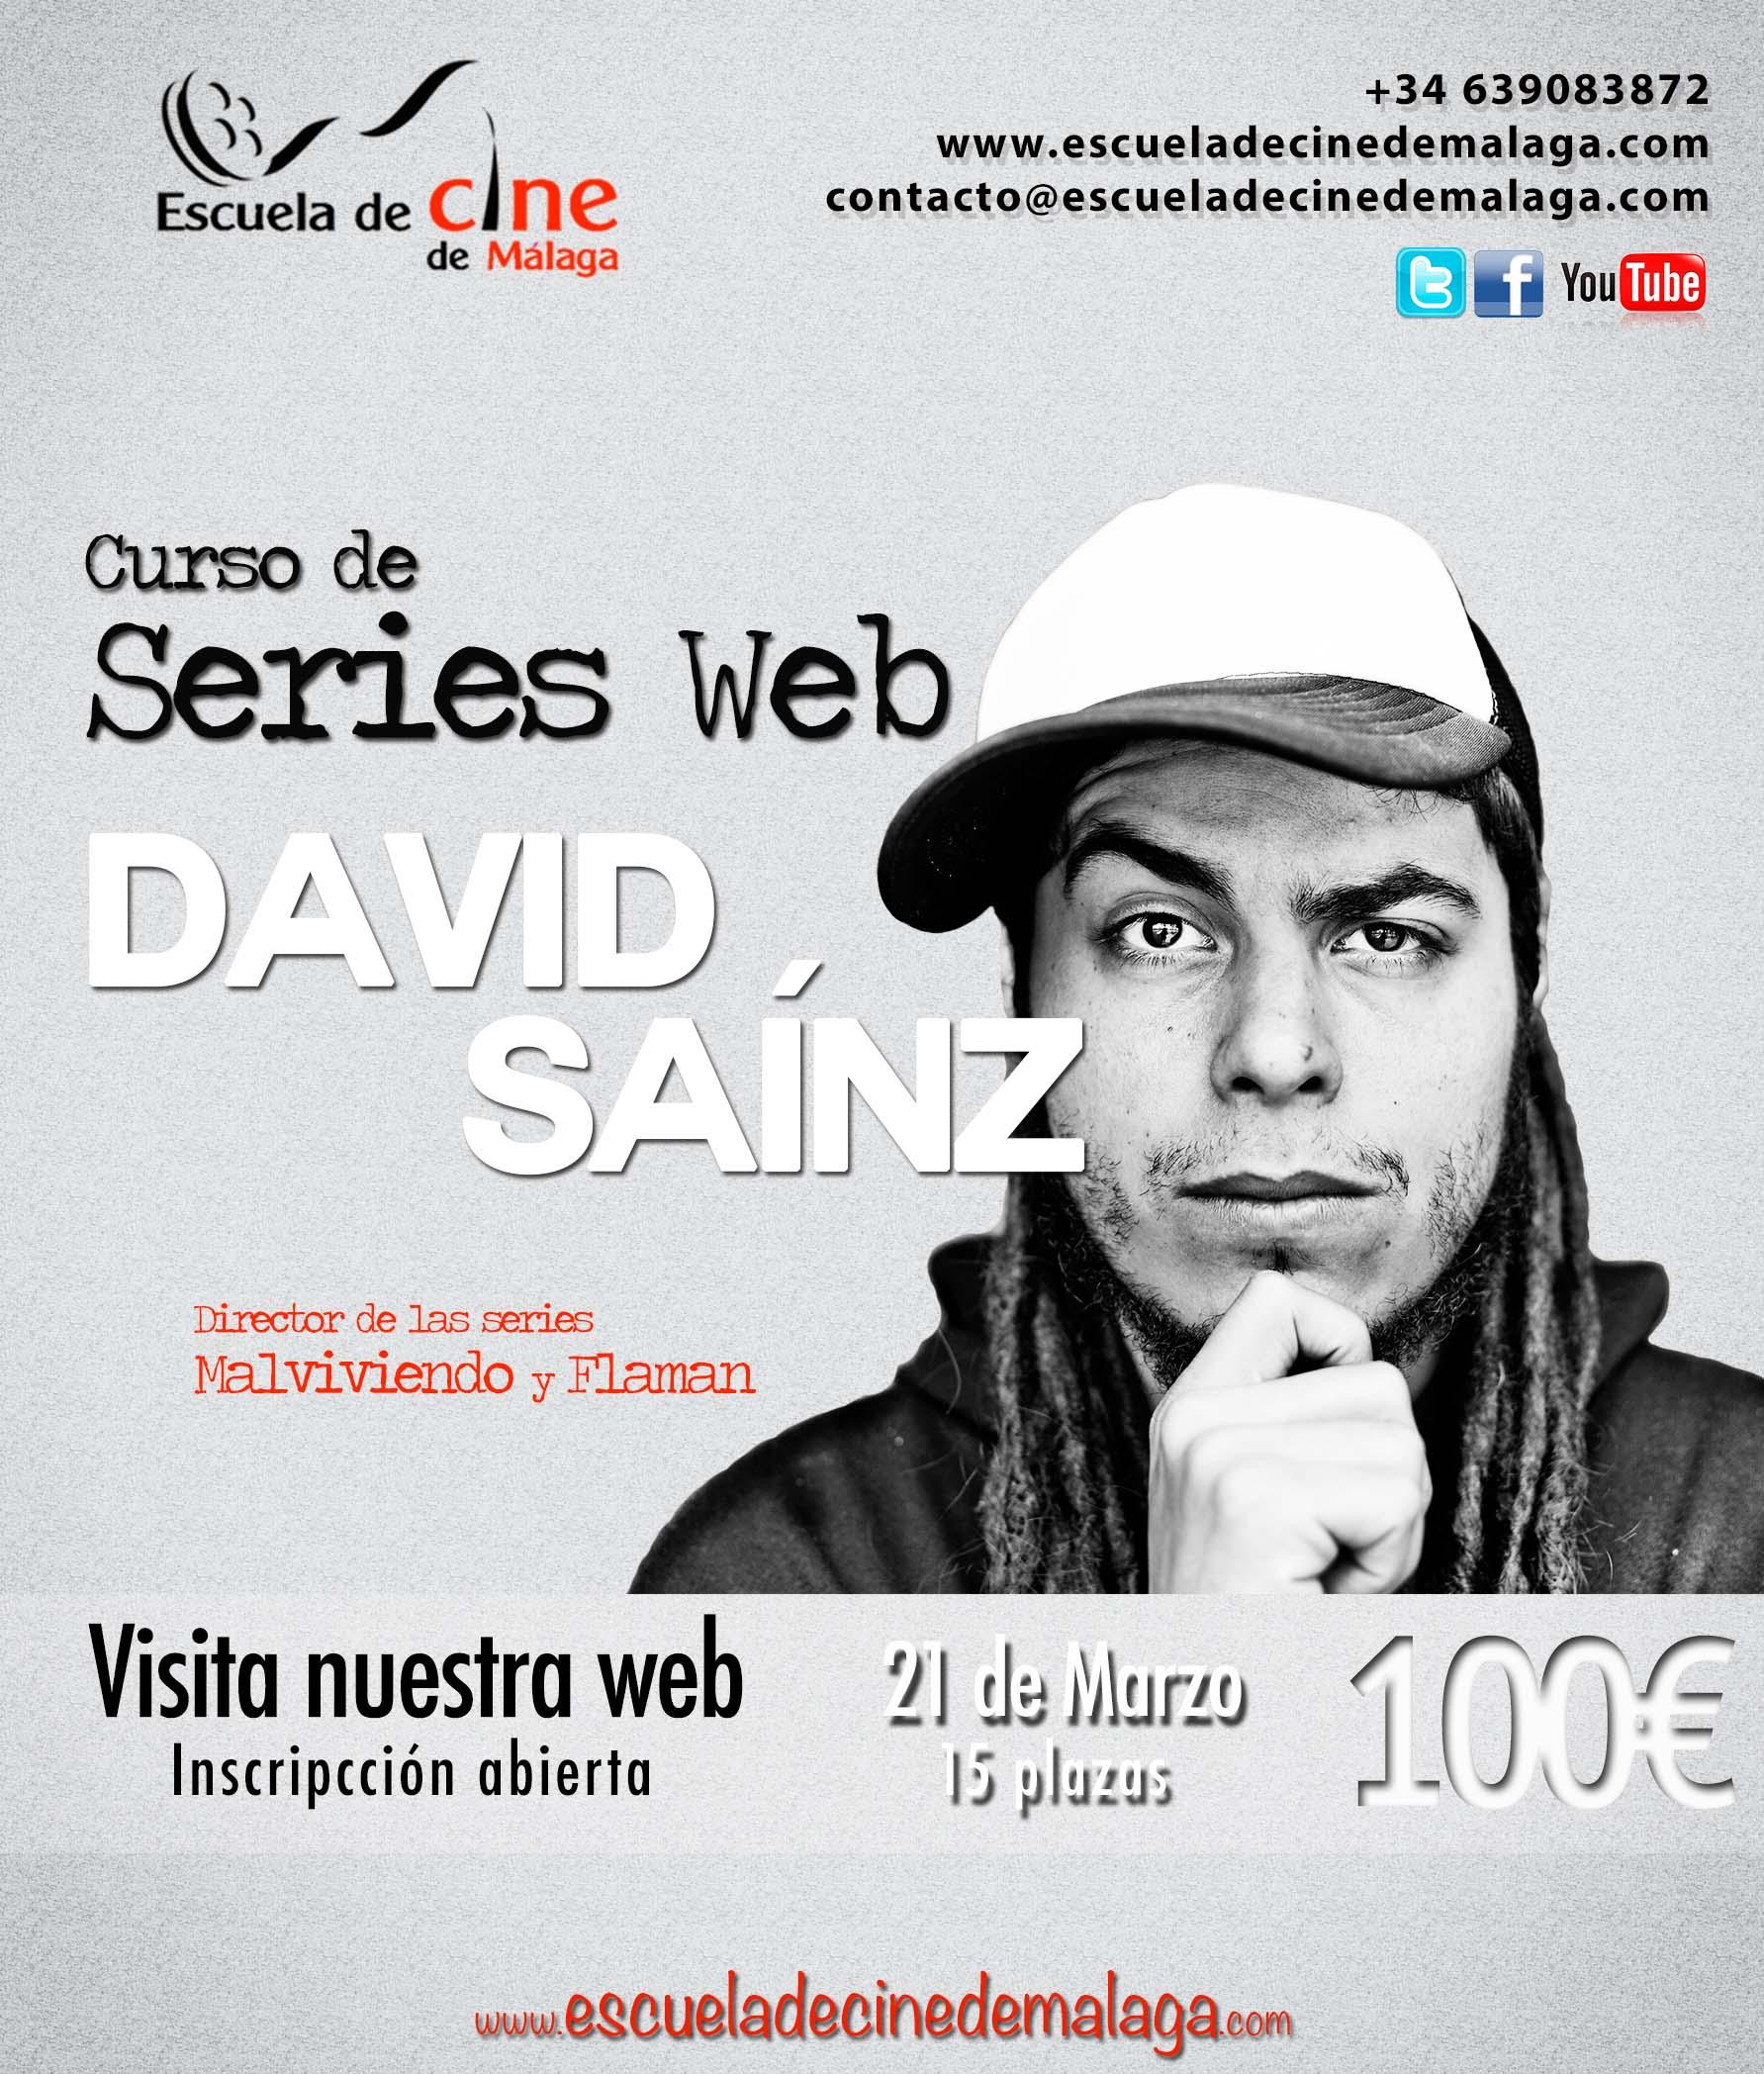 David Sainz-Rozas imparte un #curso en la Escuela de Cine de Málaga